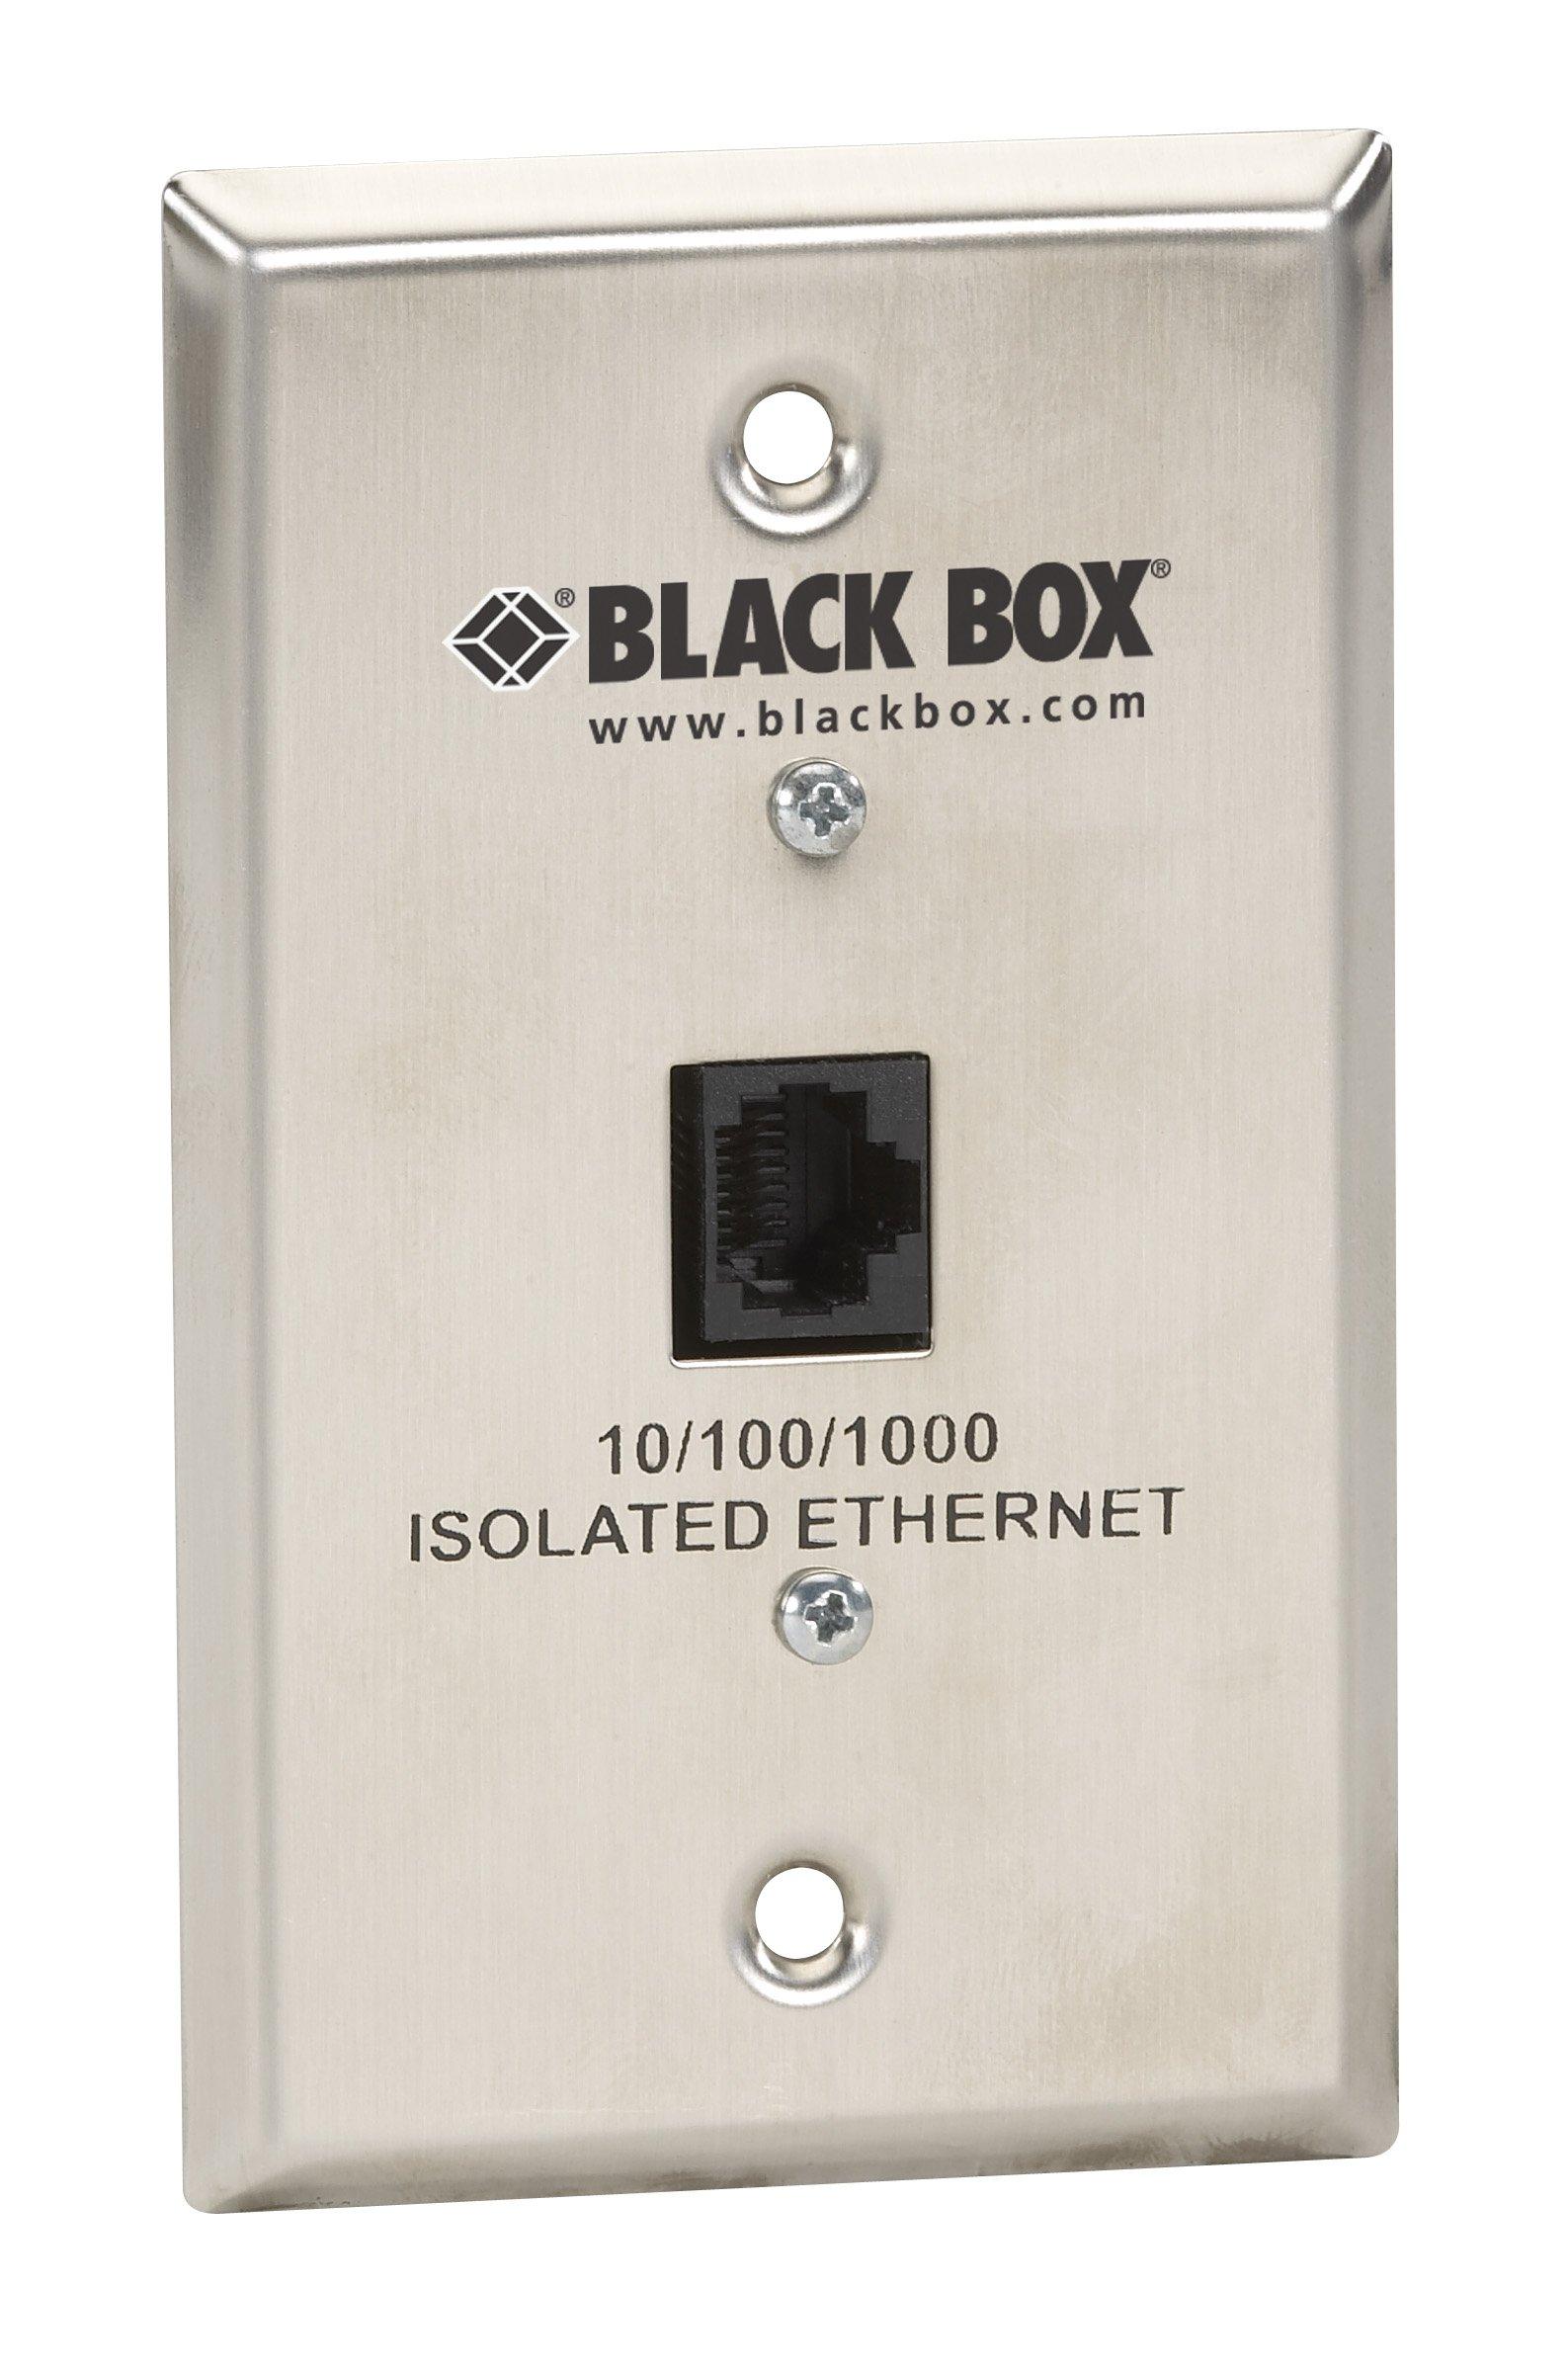 Black Box Wallplate Data Isolator Stainless Steel 10/100/1000-Mbps 4K